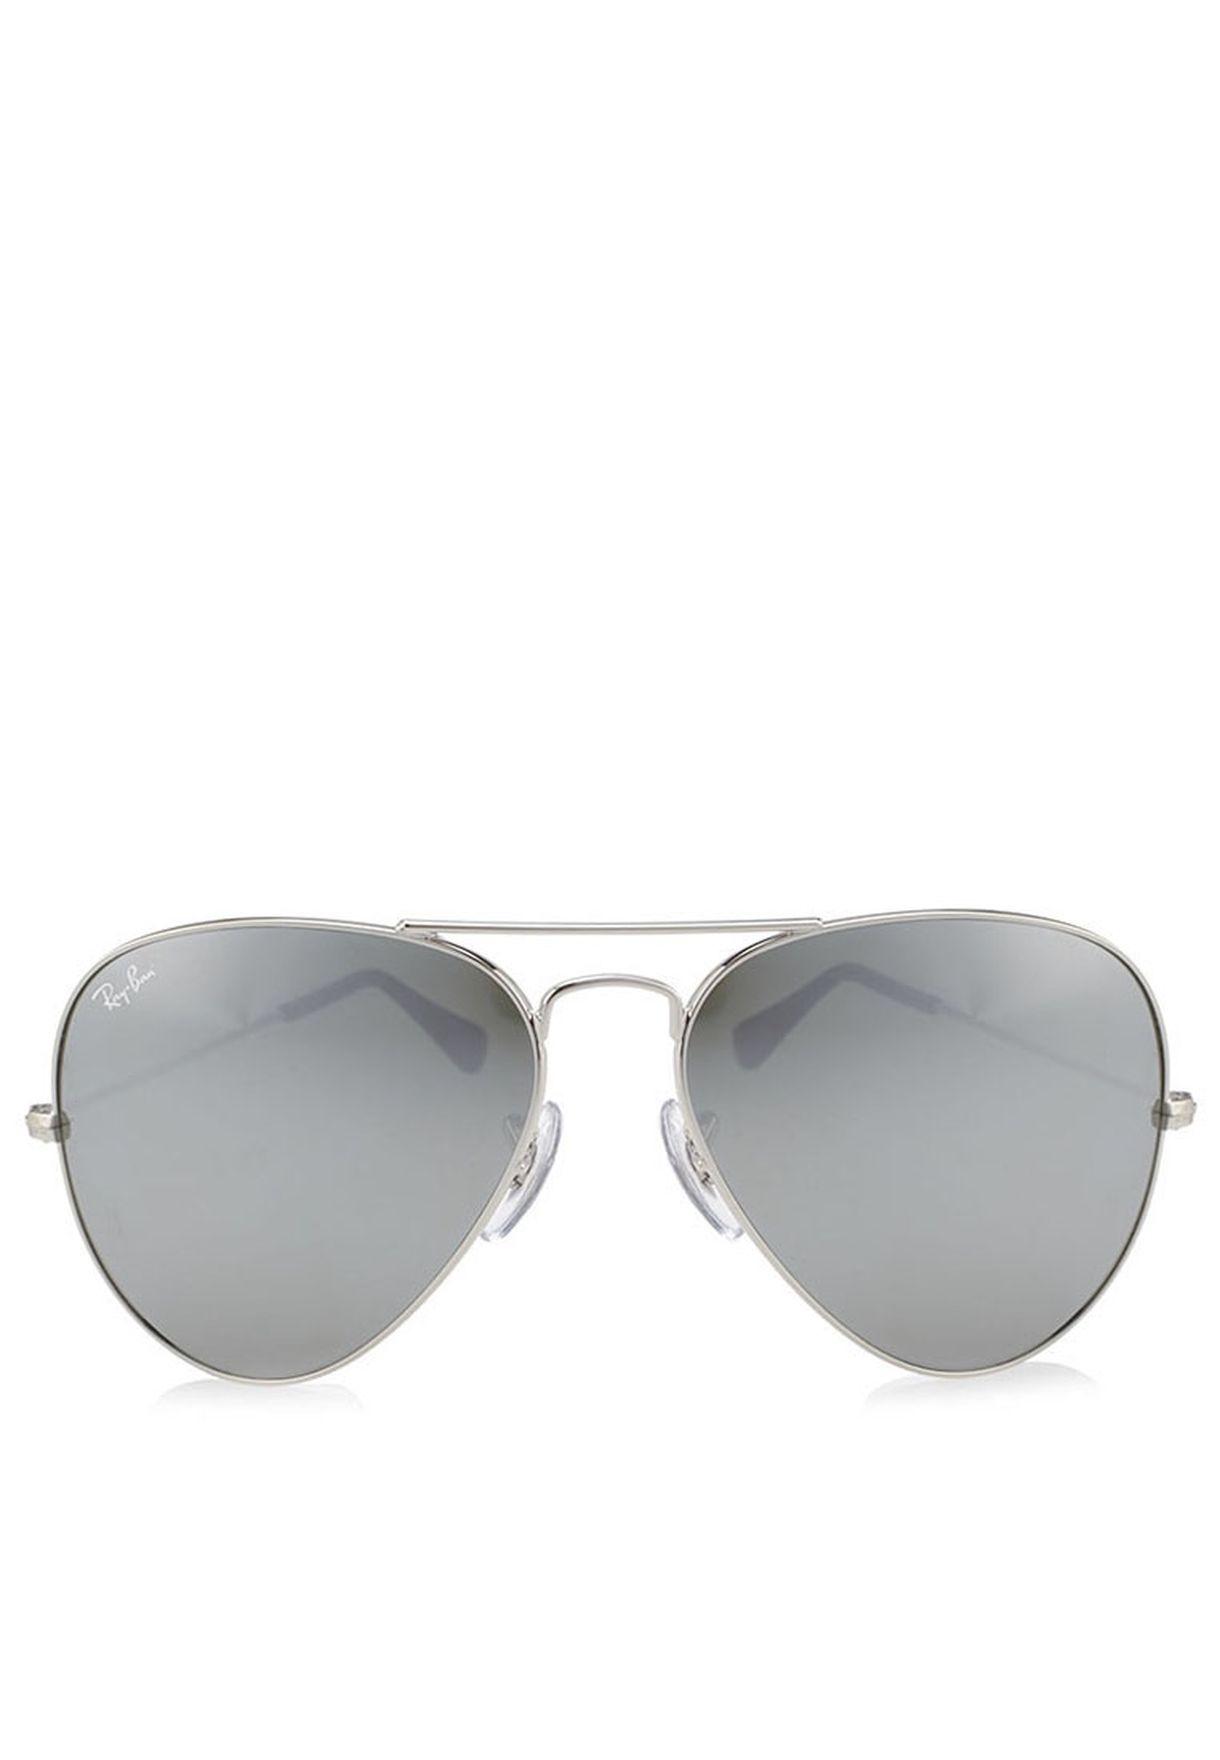 81c981d44 تسوق نظارة شمسية افياتور ماركة ريبان لون فضي في البحرين - RA736AC01CGK